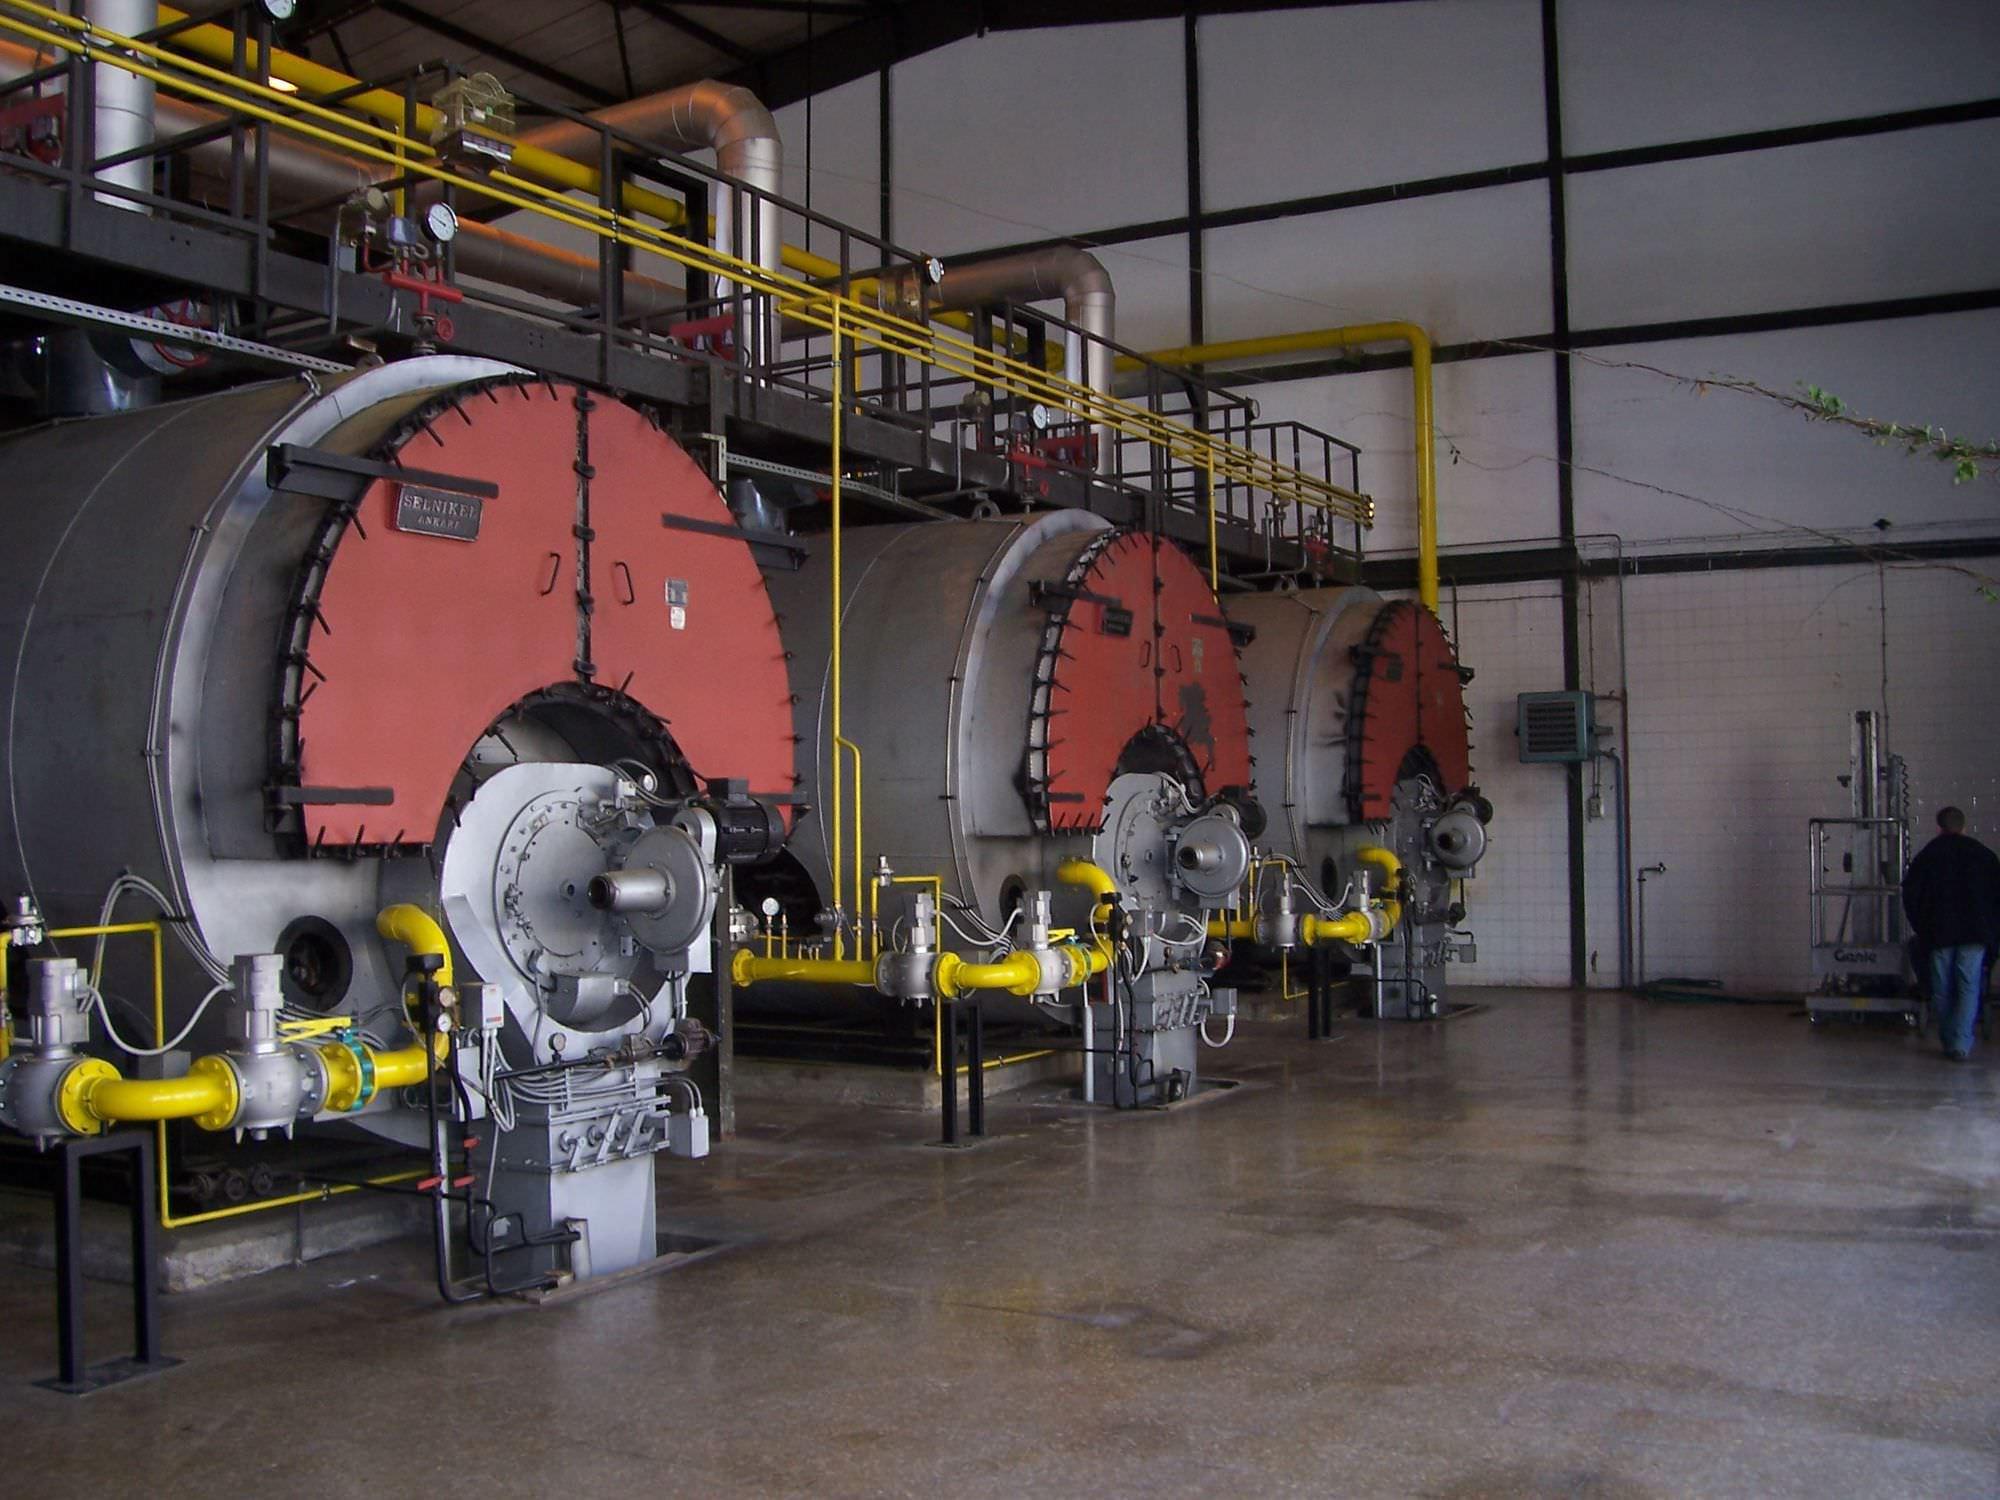 14837 - Boiler Treatment